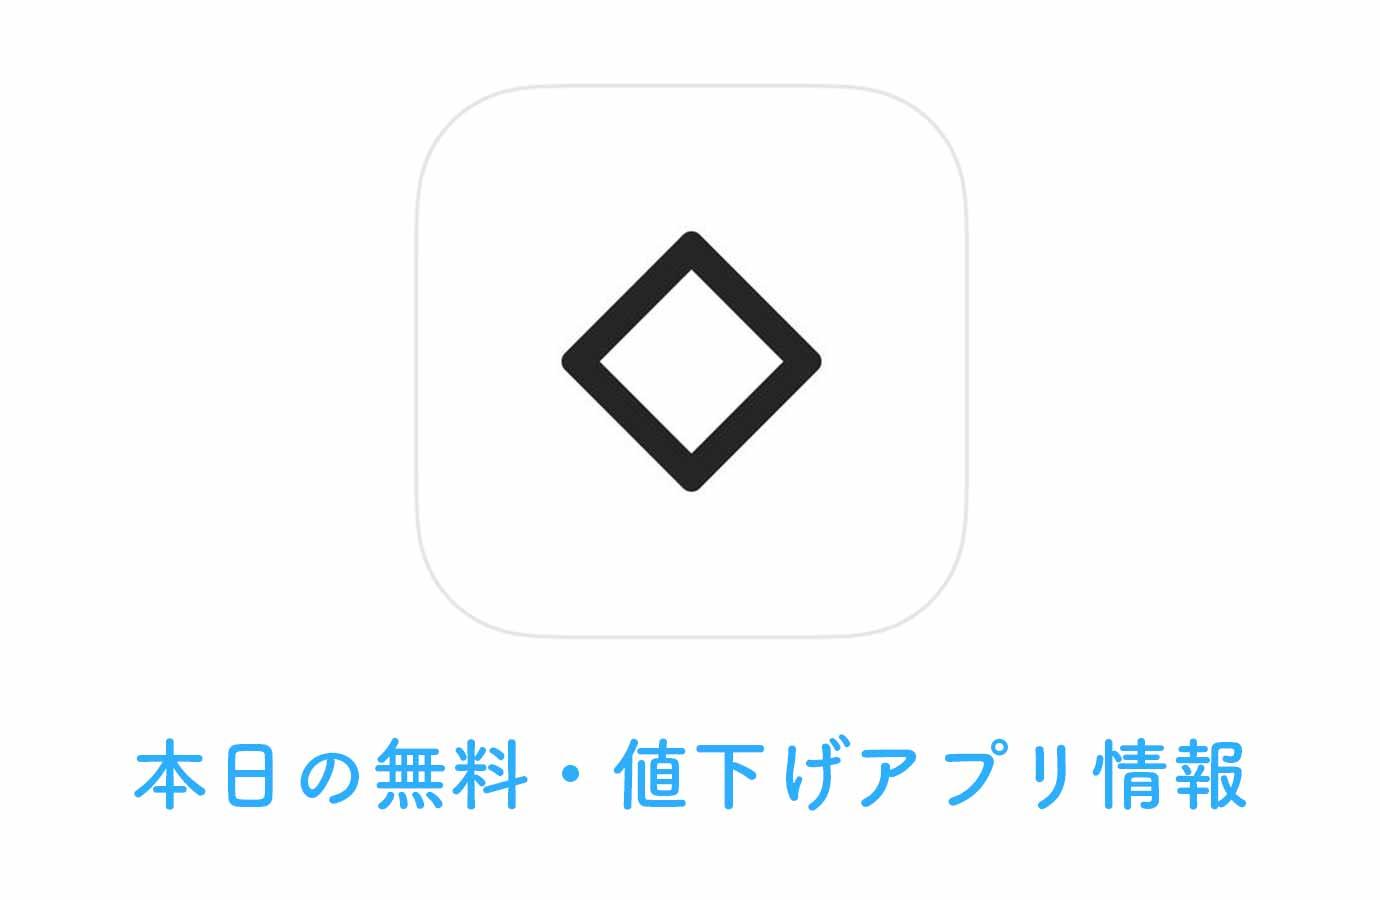 【120円→無料】スワイプ操作で写真を簡単に整理できるアプリ「Slidebox」など【2/19】本日の無料・値下げアプリ情報